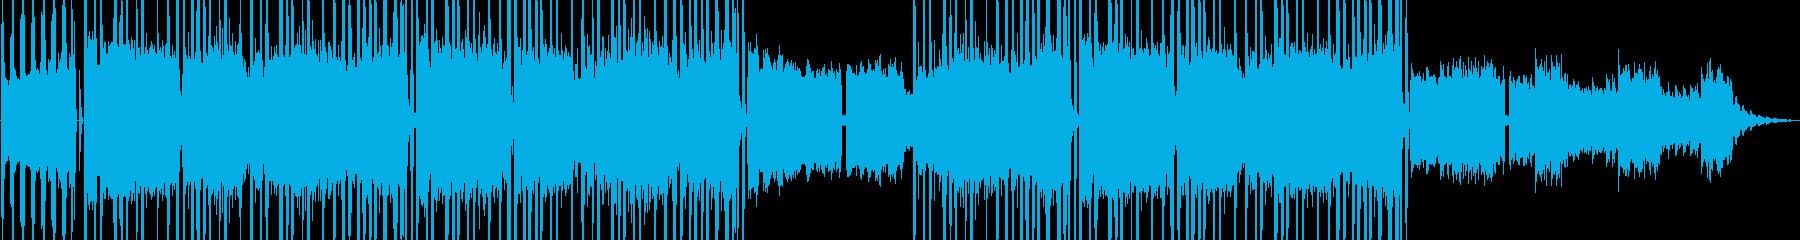 ギャングラップ スタイリッシュ 電...の再生済みの波形